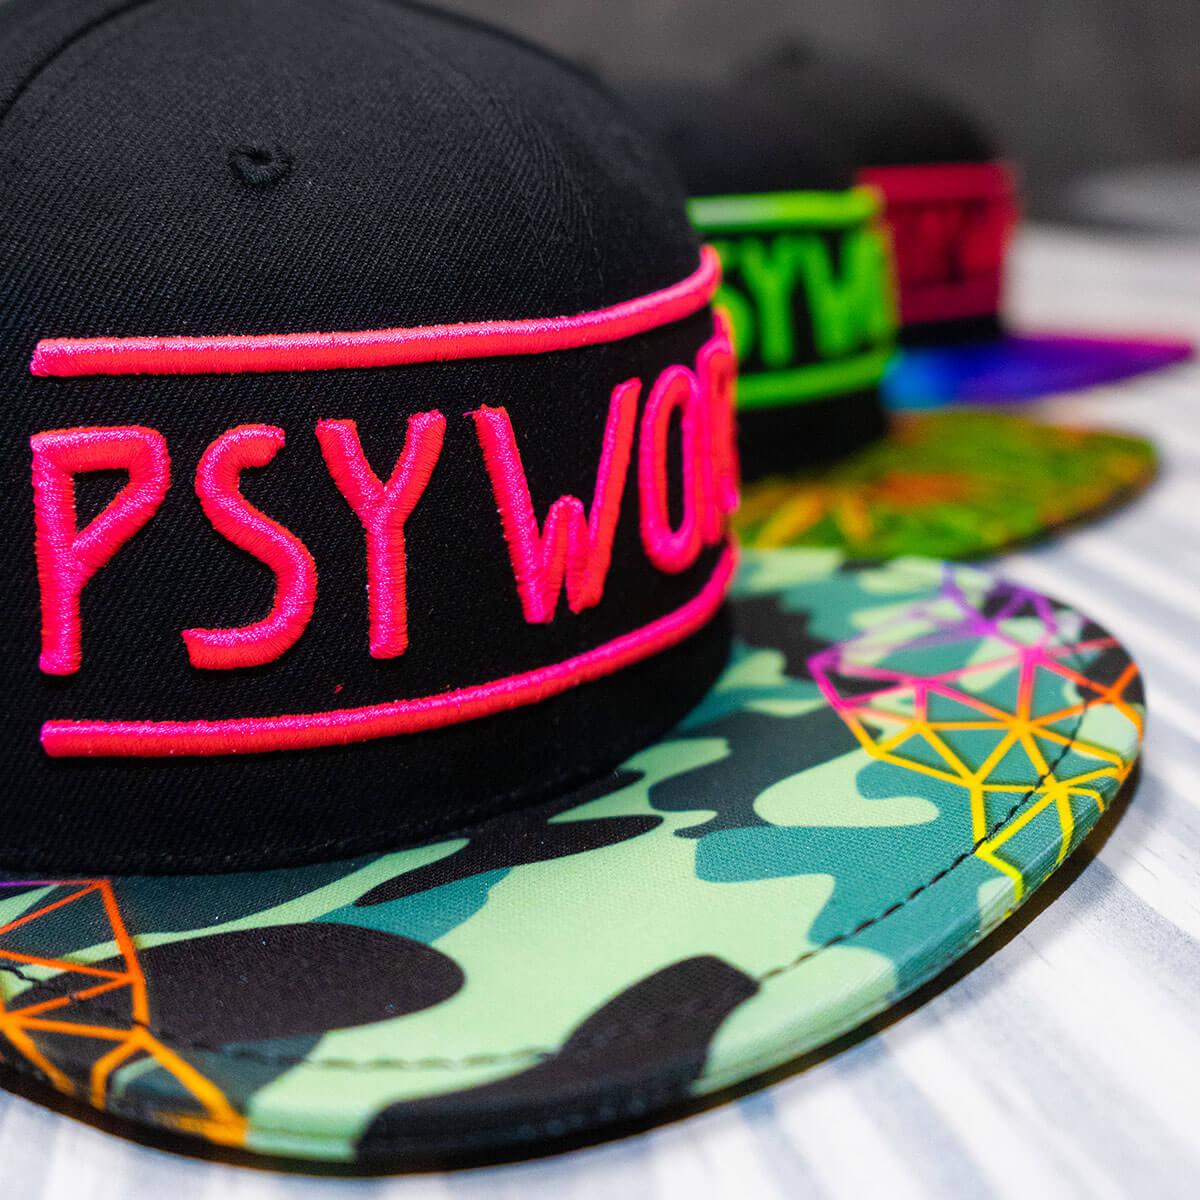 Psywork Neon Caps